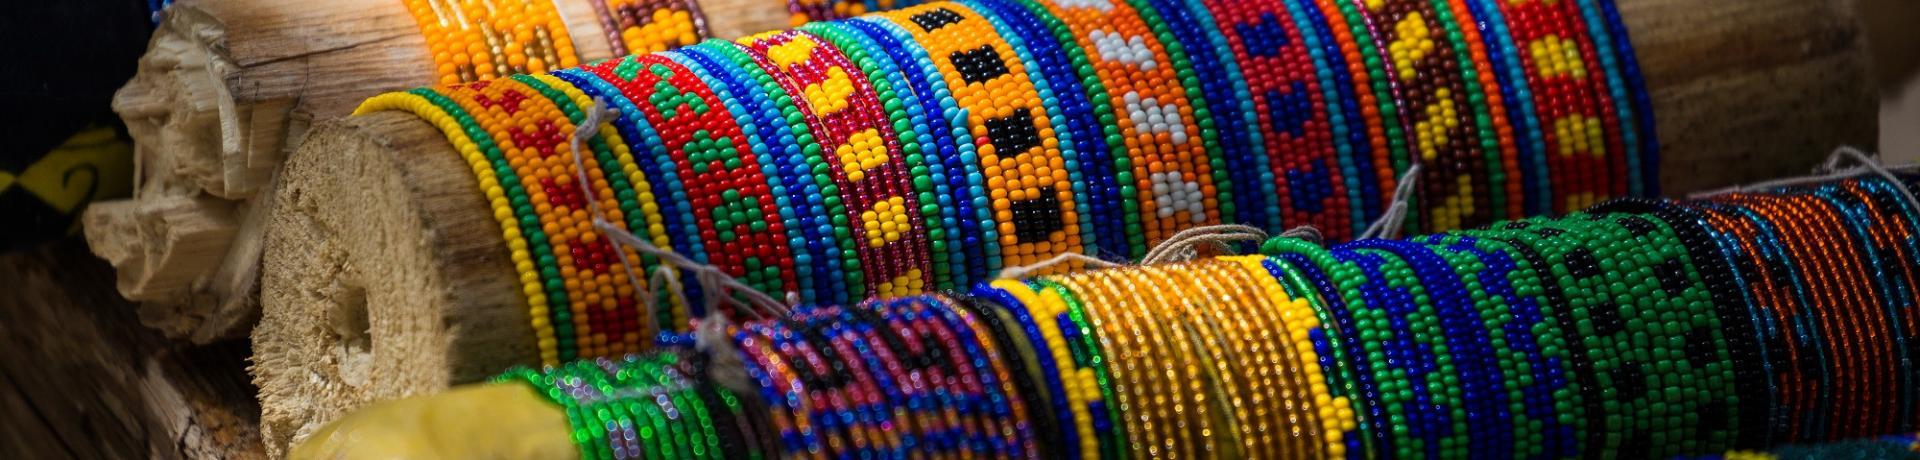 Sonstiges: Hippie Markt